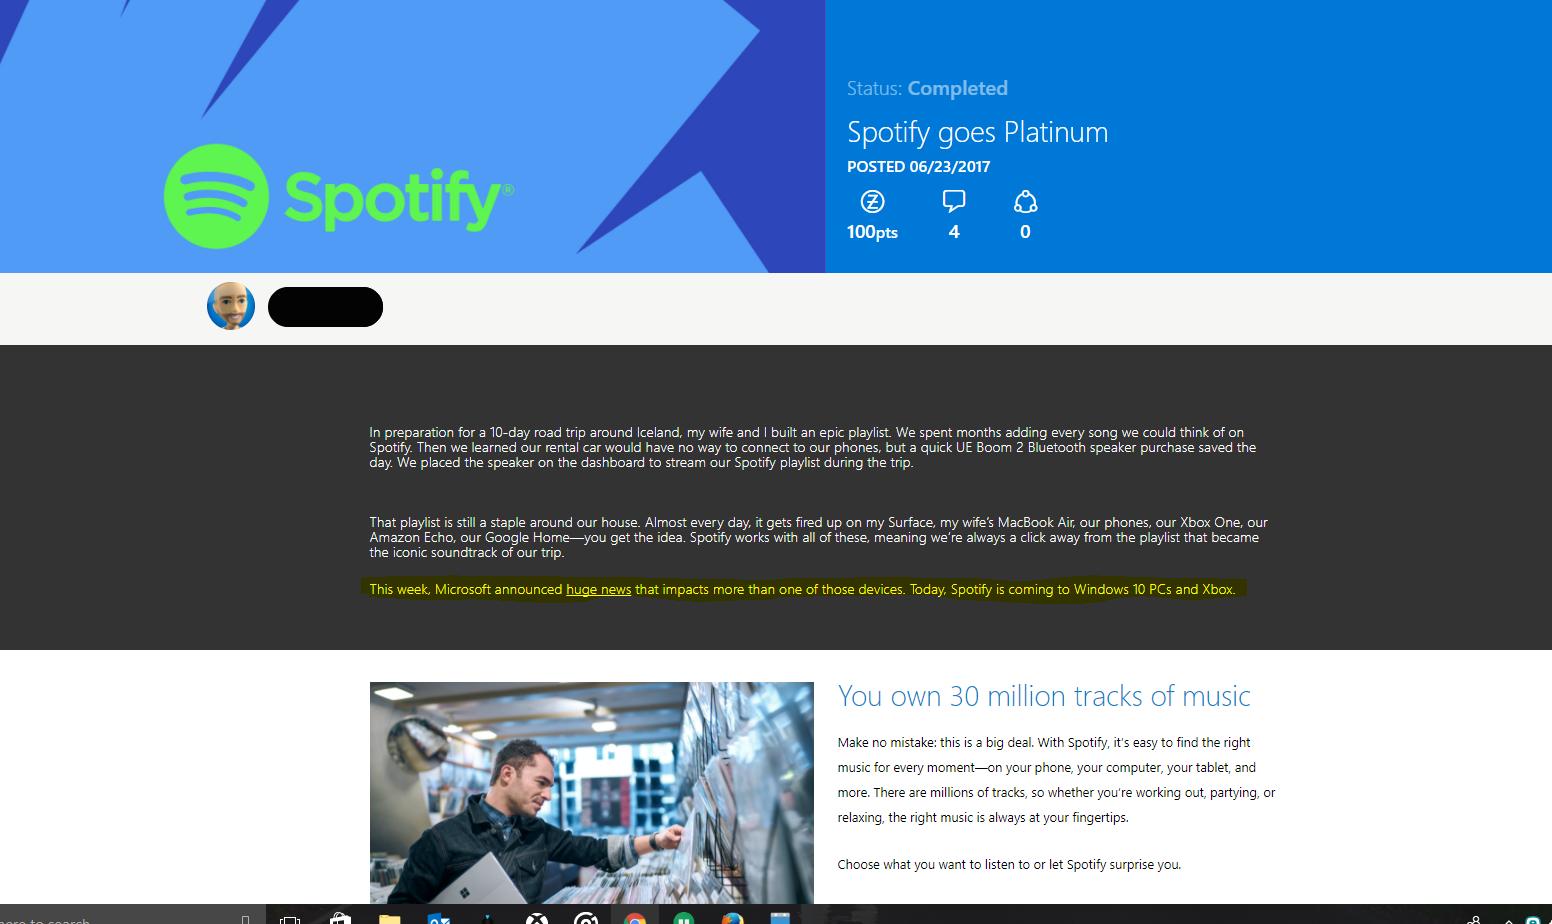 spotify_xbox_one_leak_2